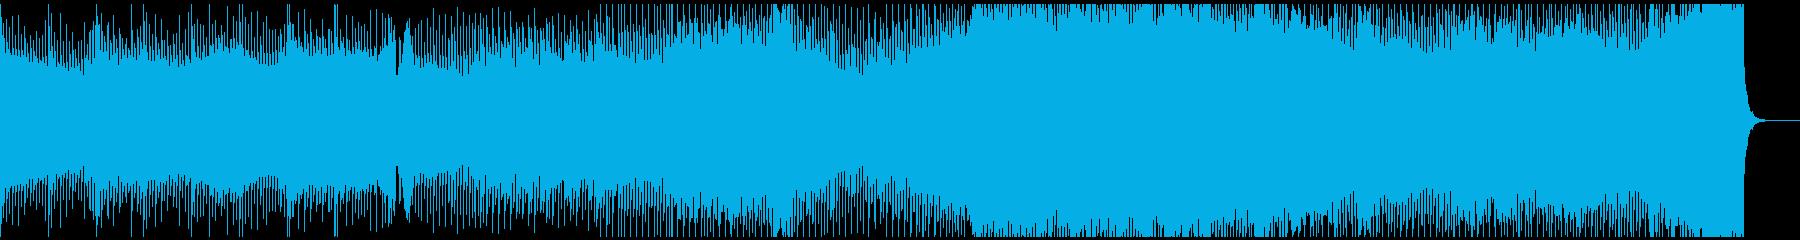 静かで重い雰囲気から始まるトランステクノの再生済みの波形